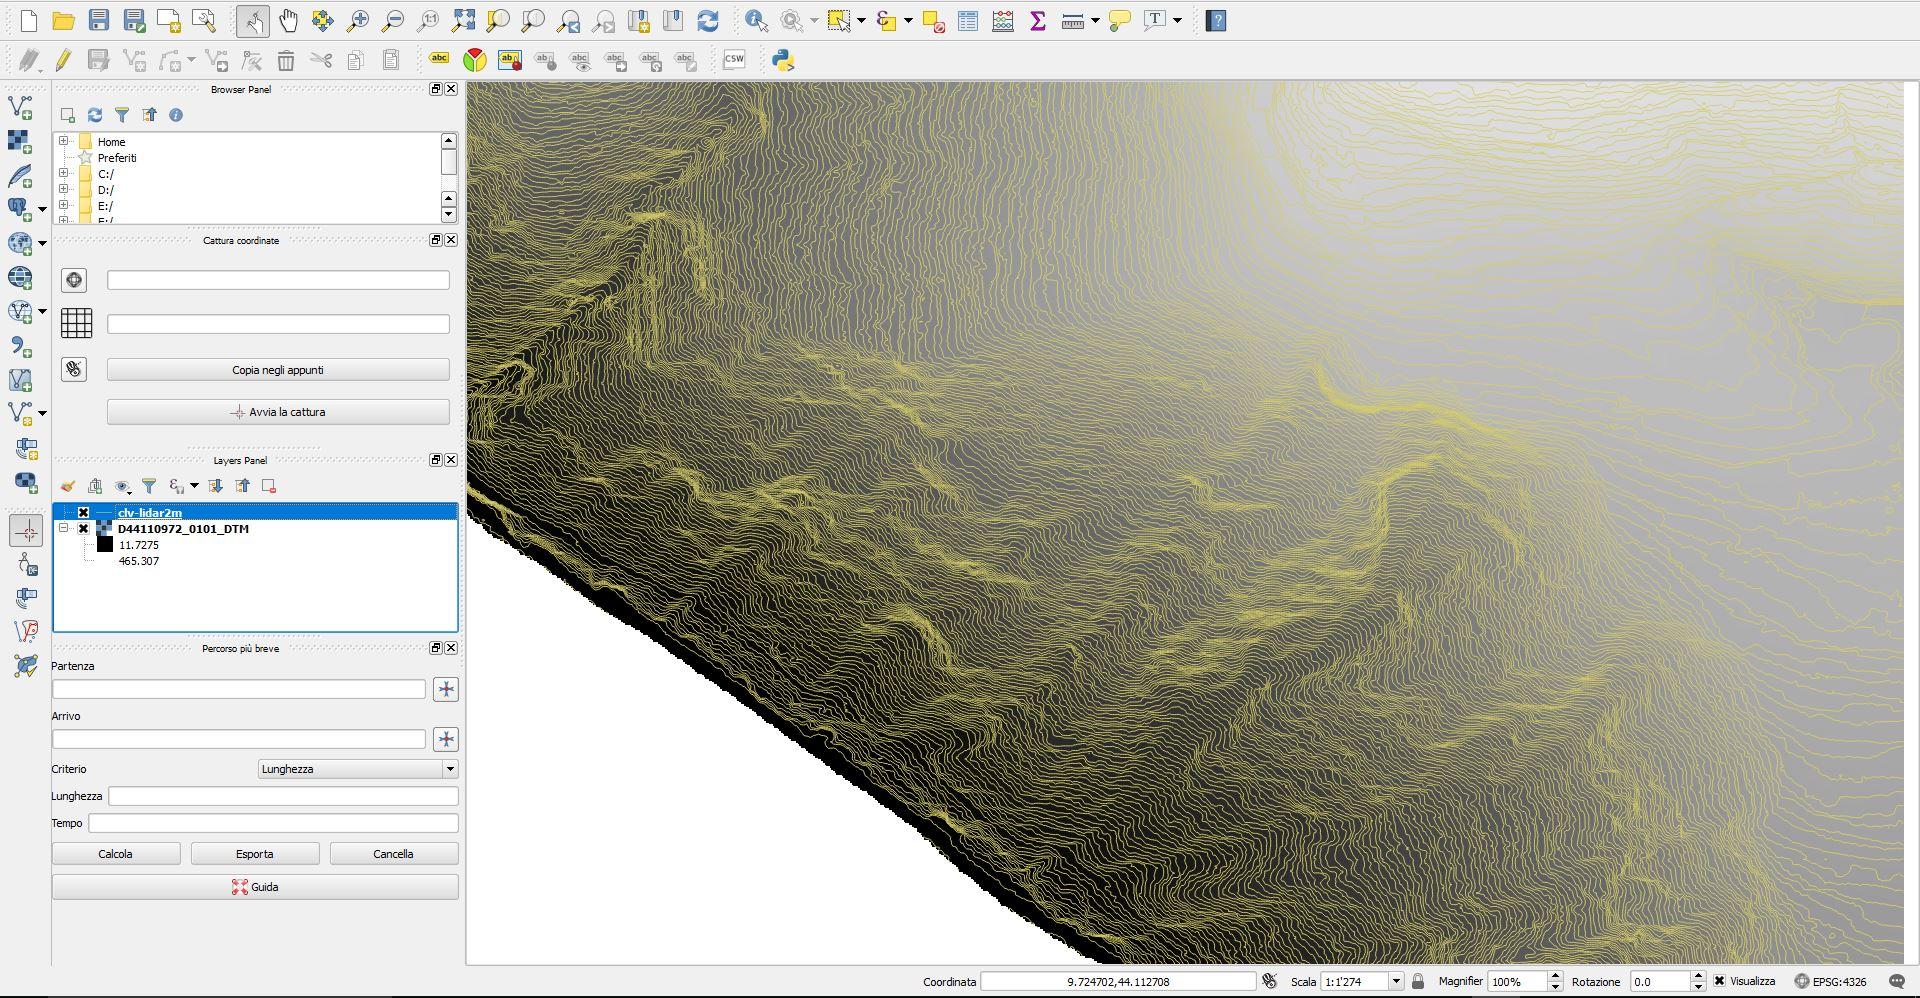 Immagine che mostra l'elaborazione di dati LIDAR DTM con software QGIS